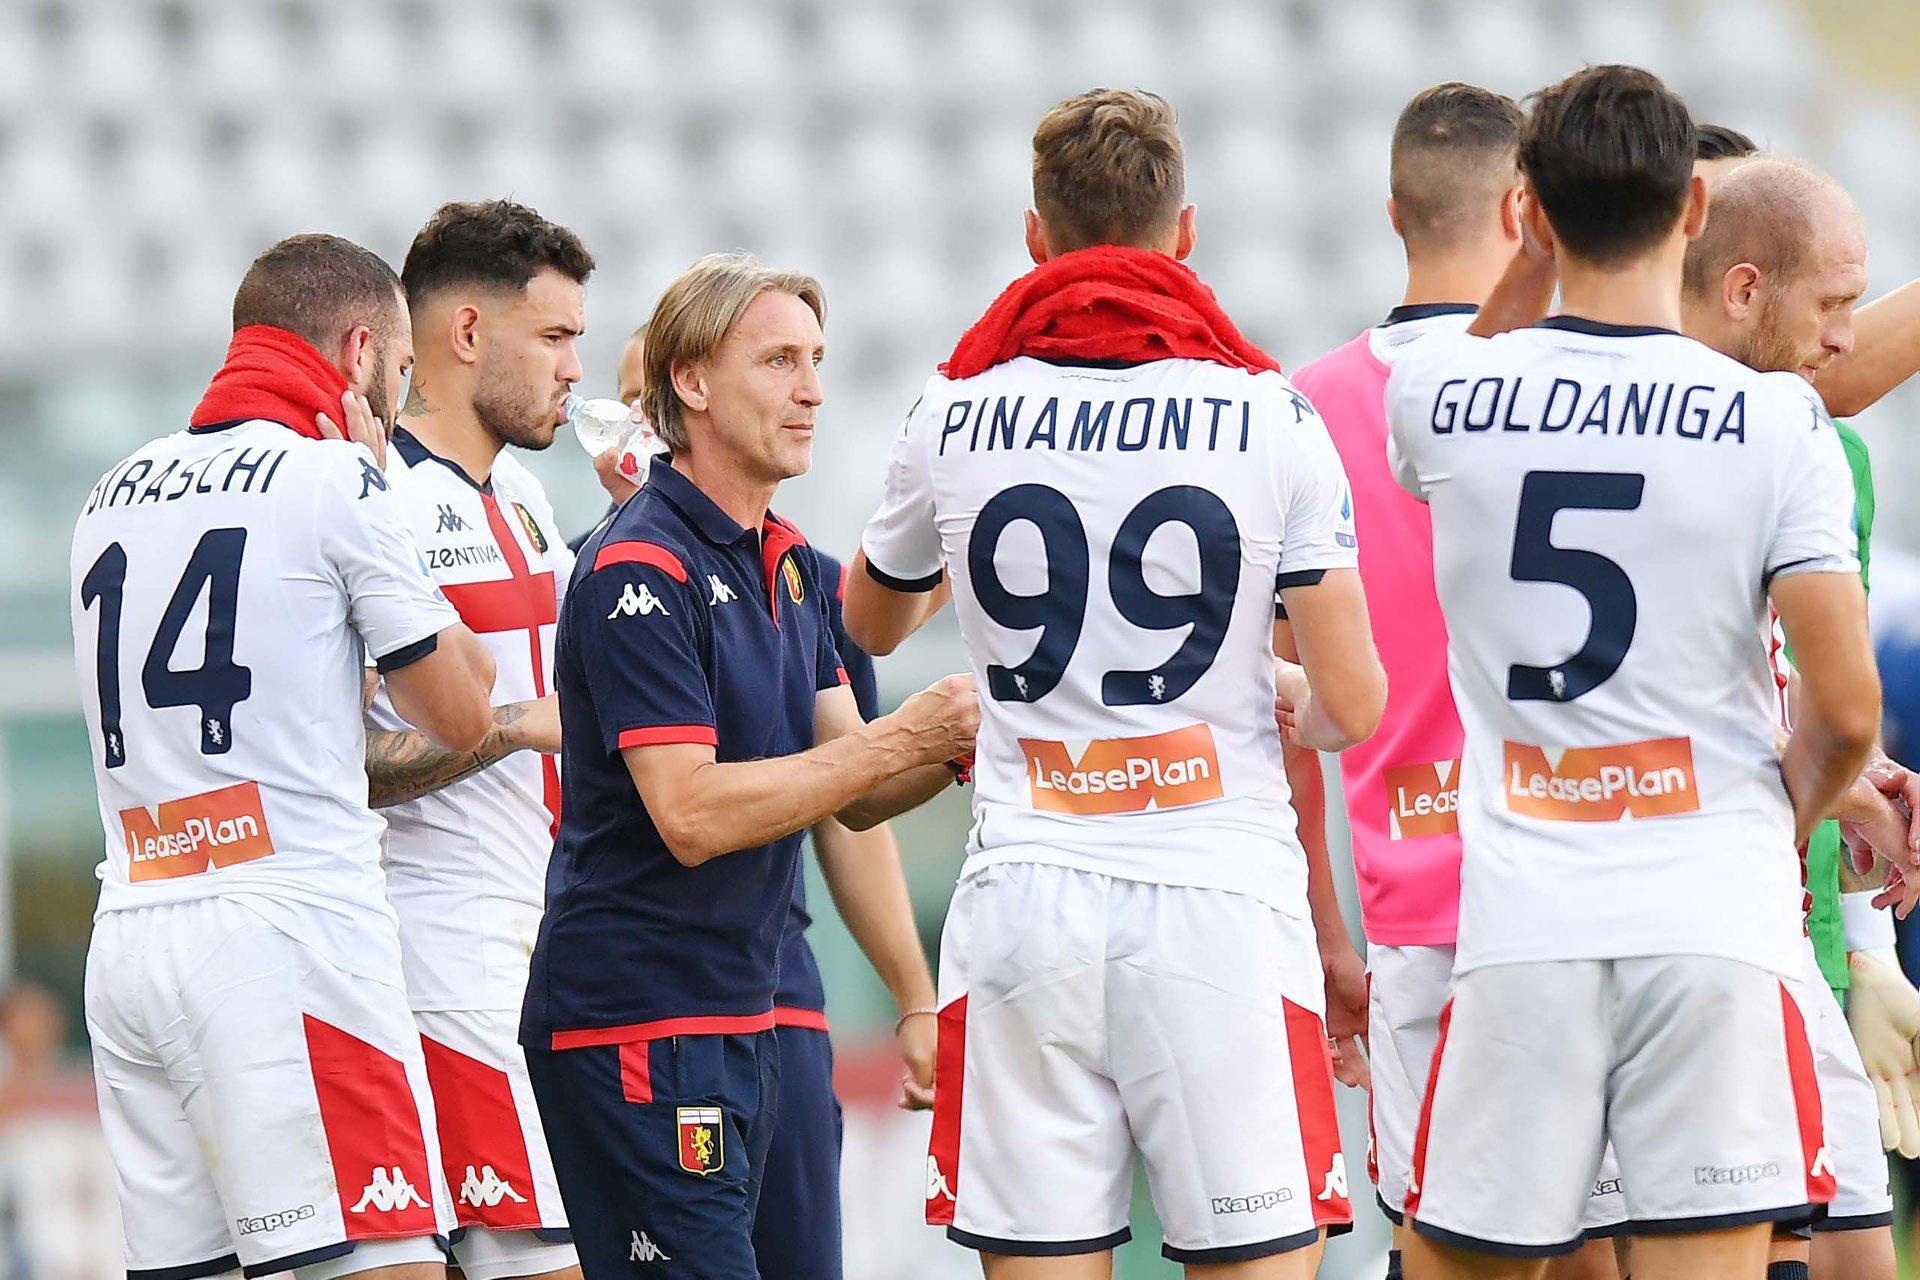 Nicola Pinamonti Genoa